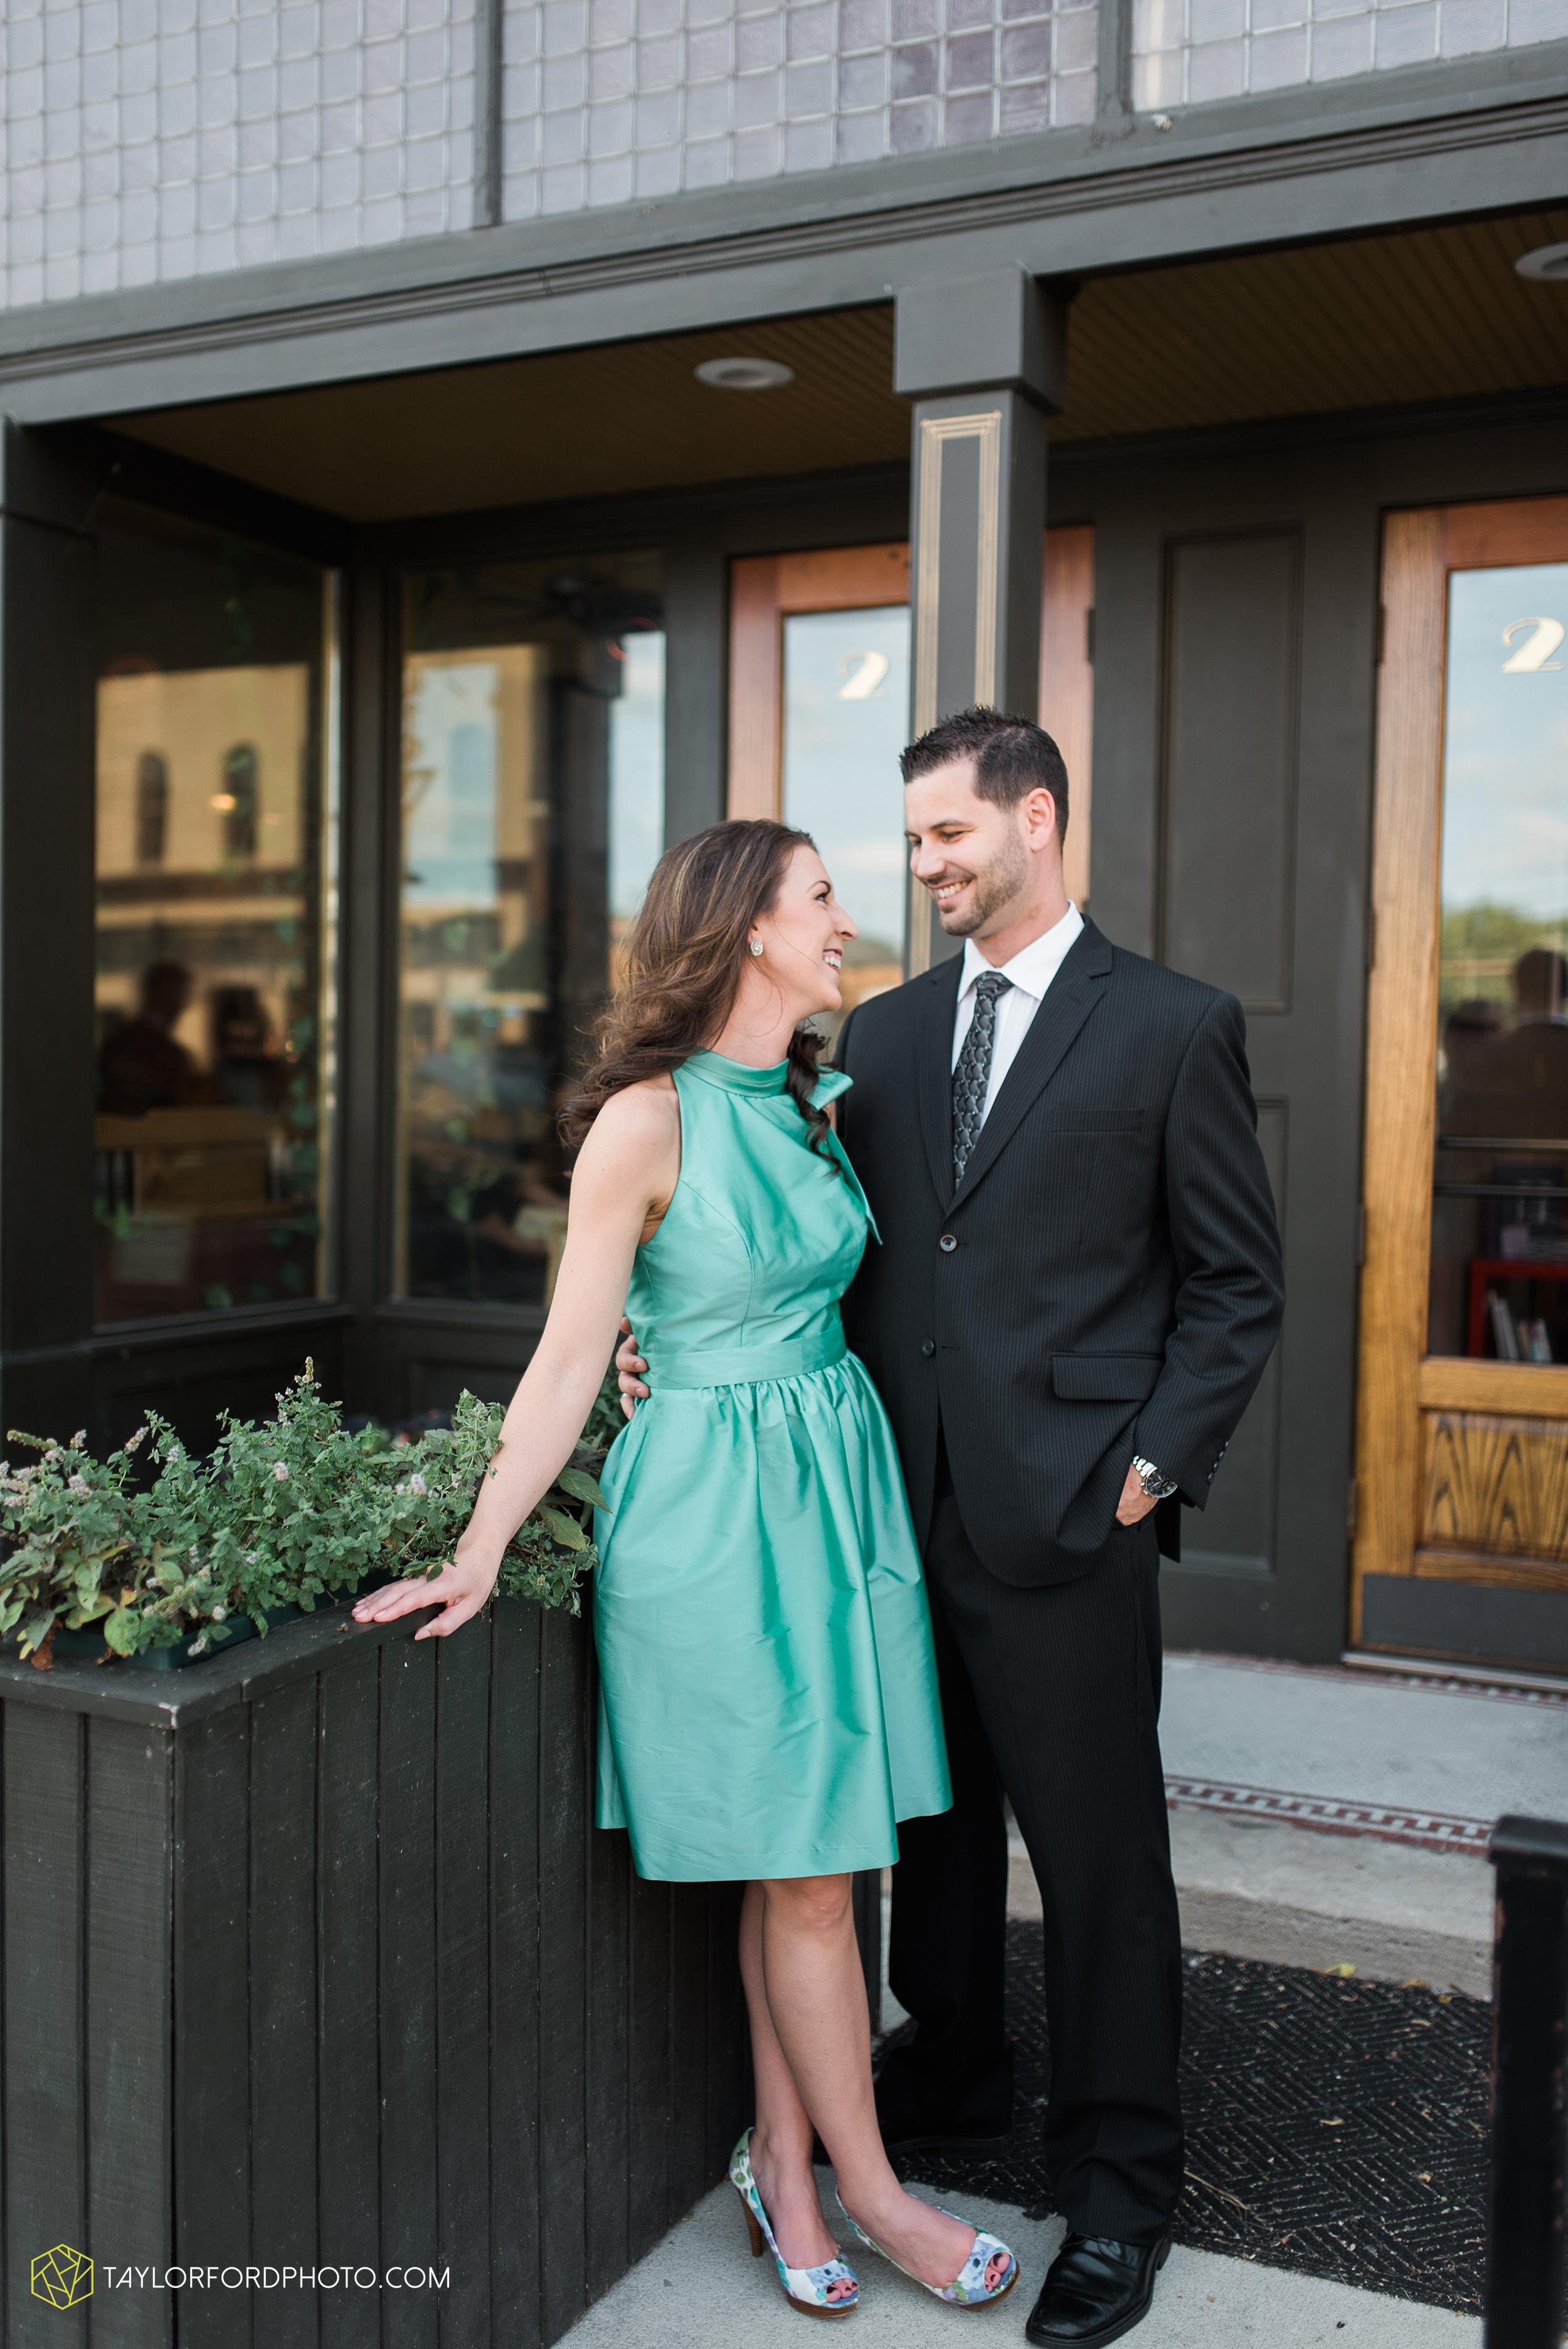 celina-coldwarter-ohio-engagement-wedding-photographer-Taylor-Ford-Photography-Ohio-Indiana_2274.jpg